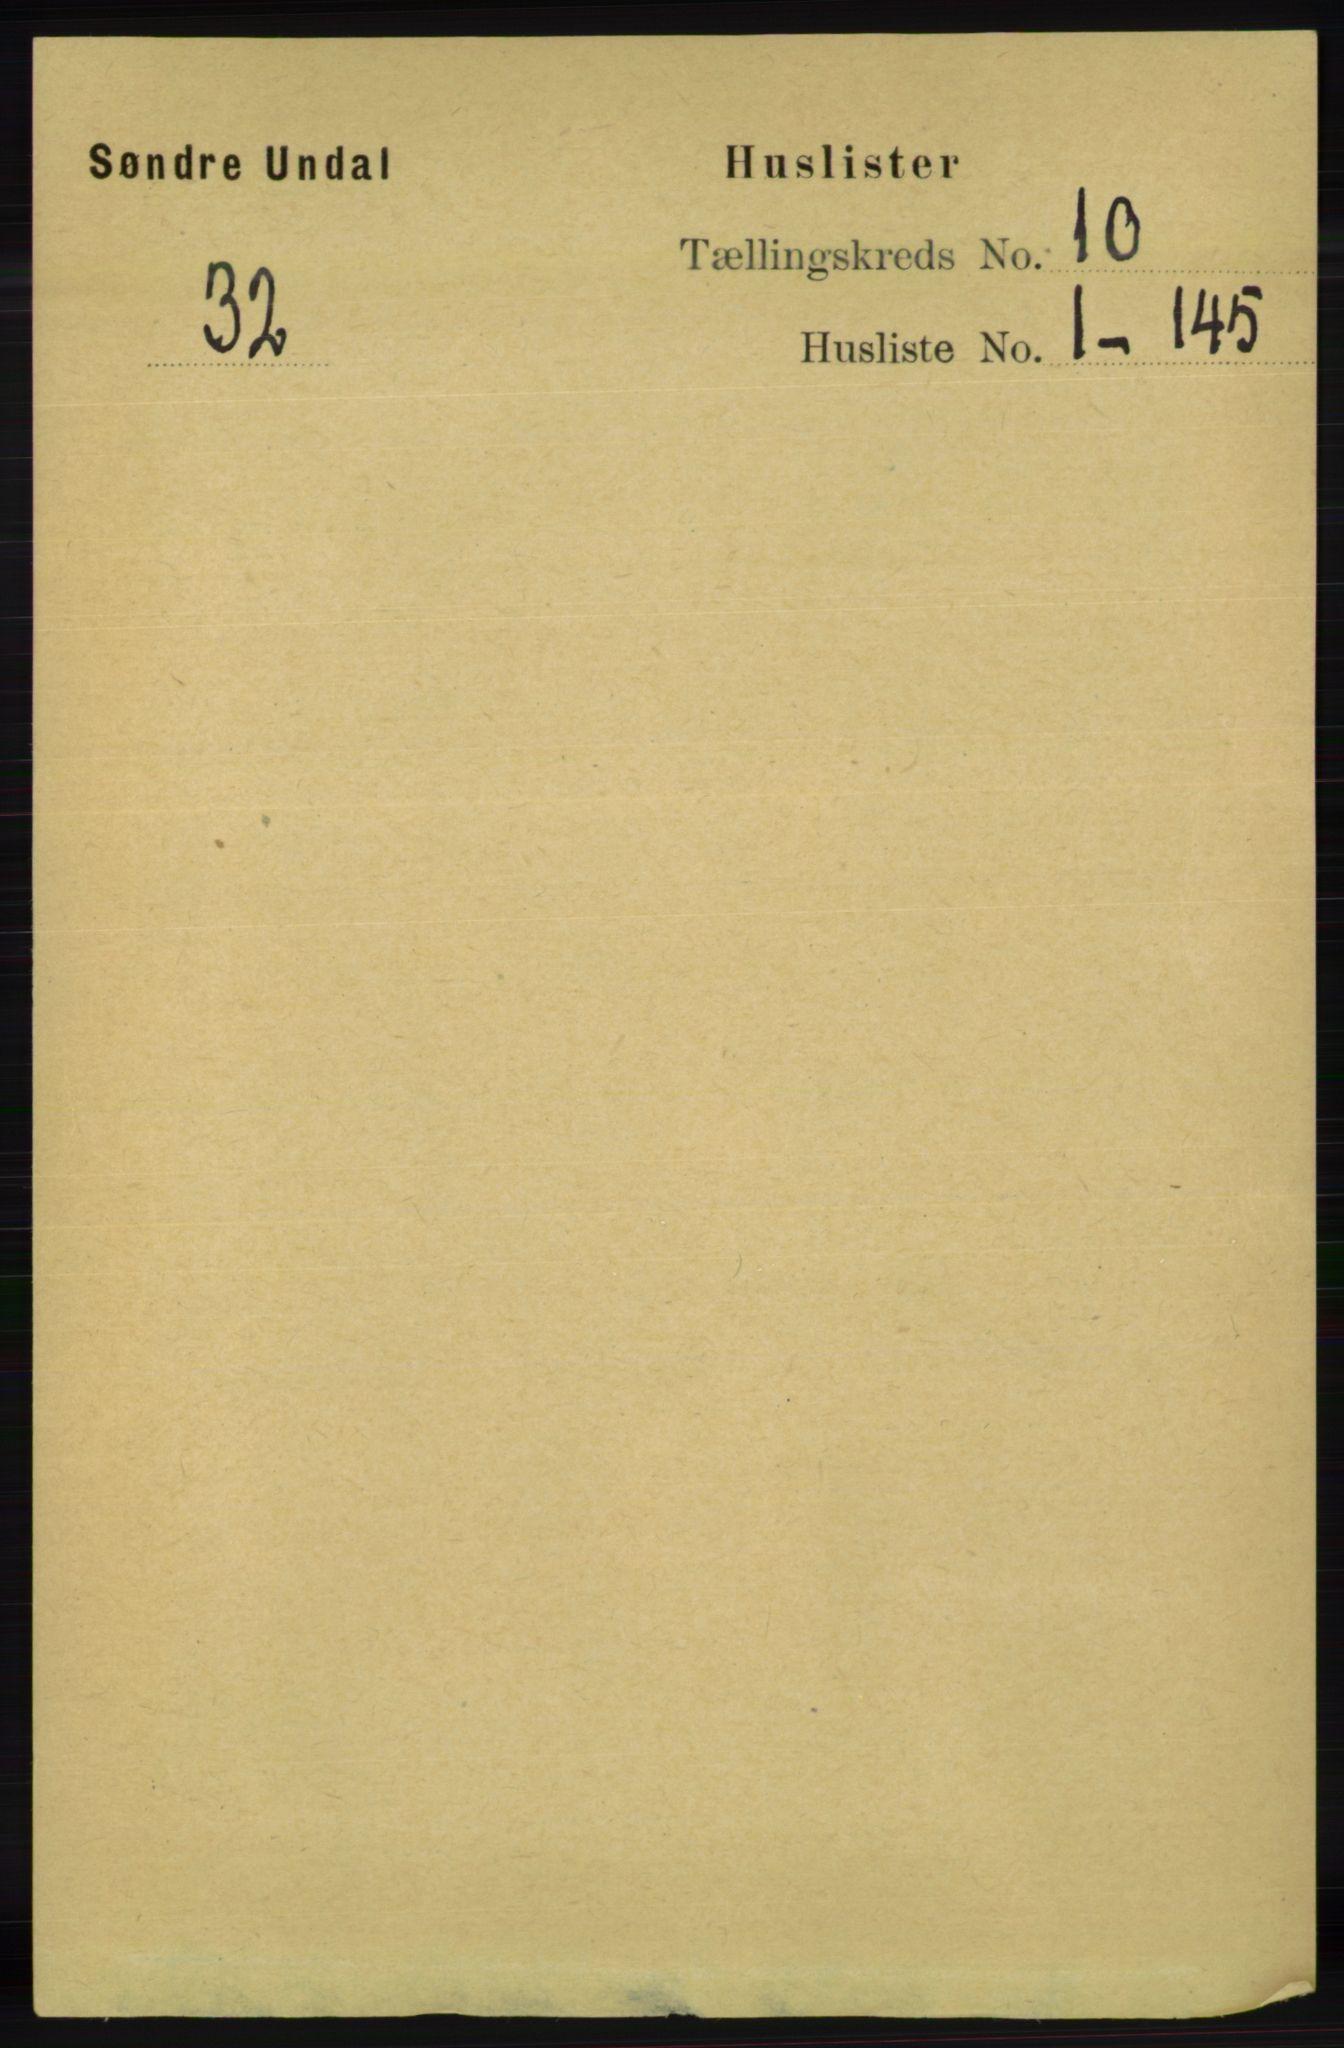 RA, Folketelling 1891 for 1029 Sør-Audnedal herred, 1891, s. 4286